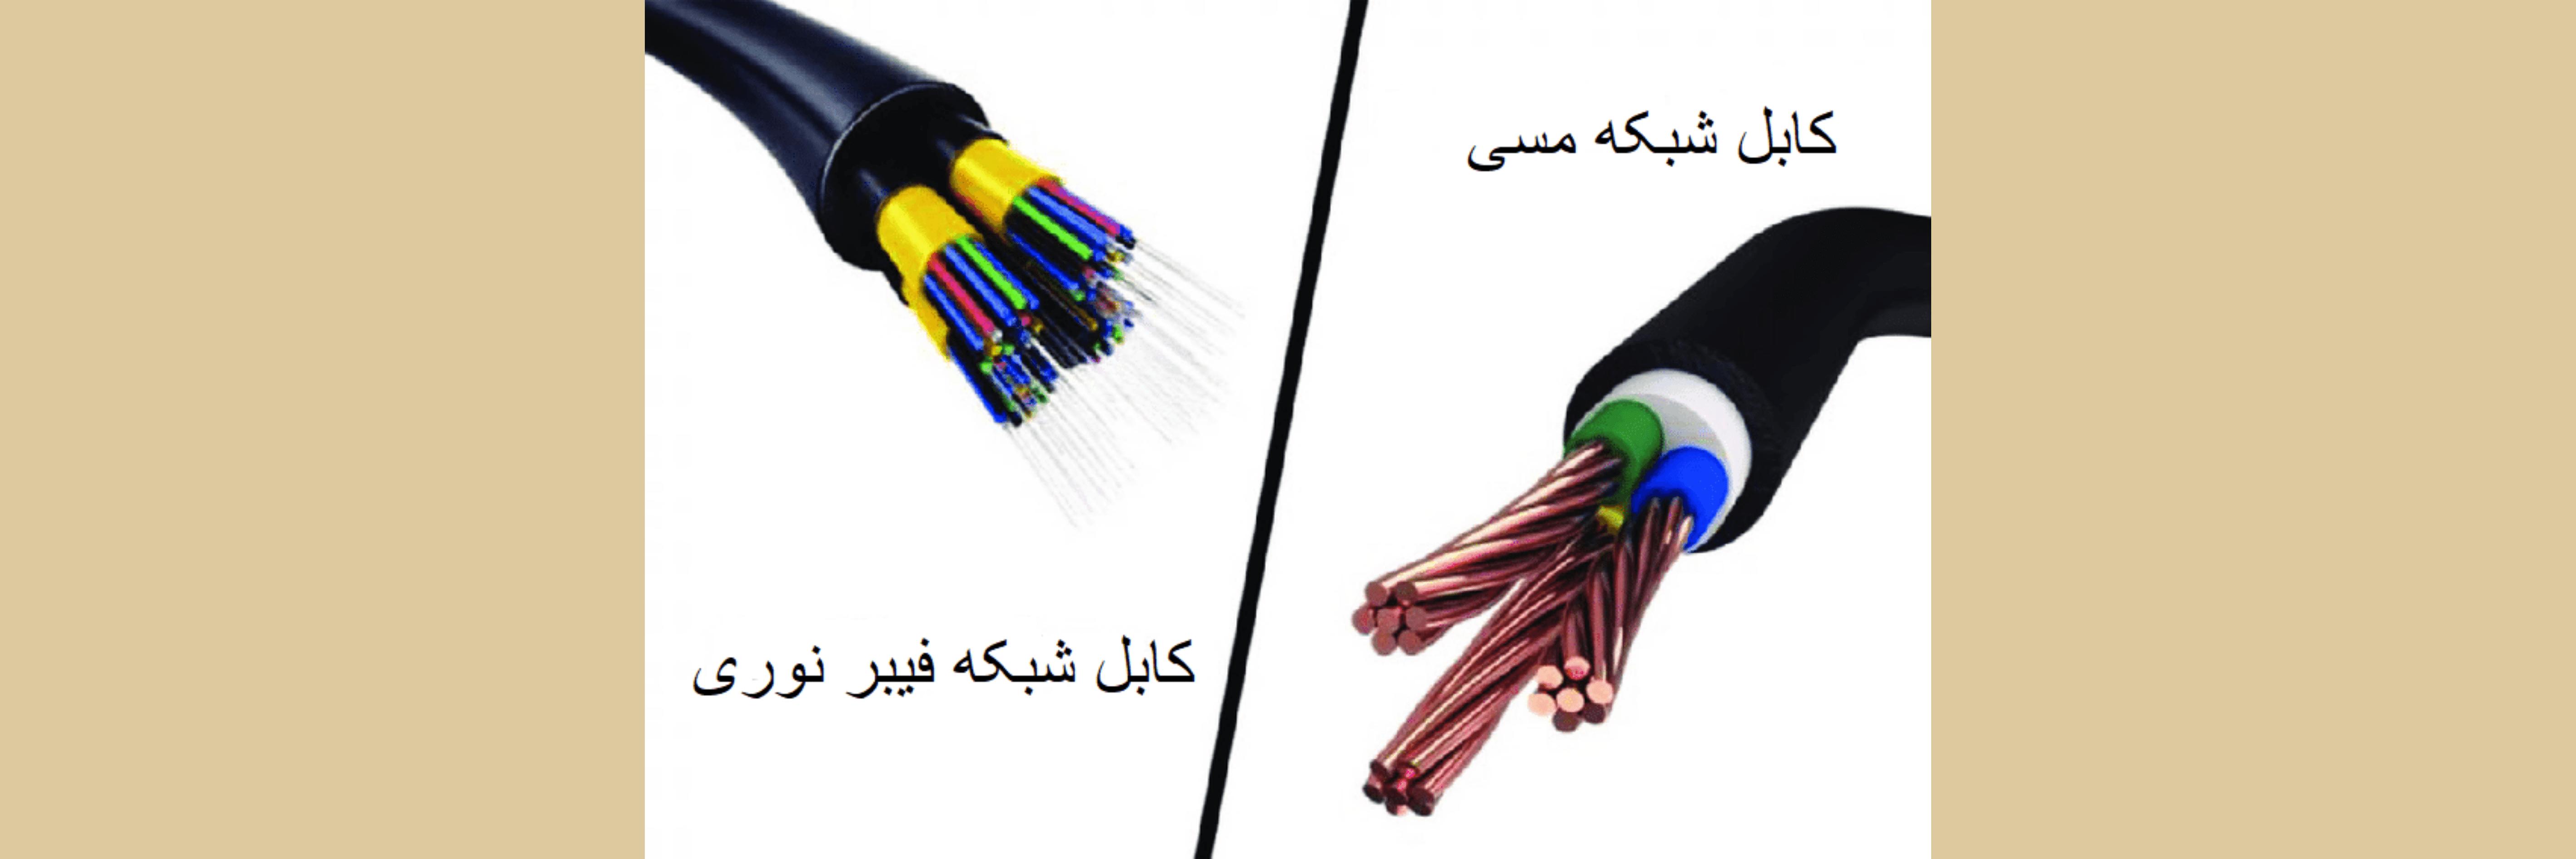 سیم کابل مسی/فیبر نوری